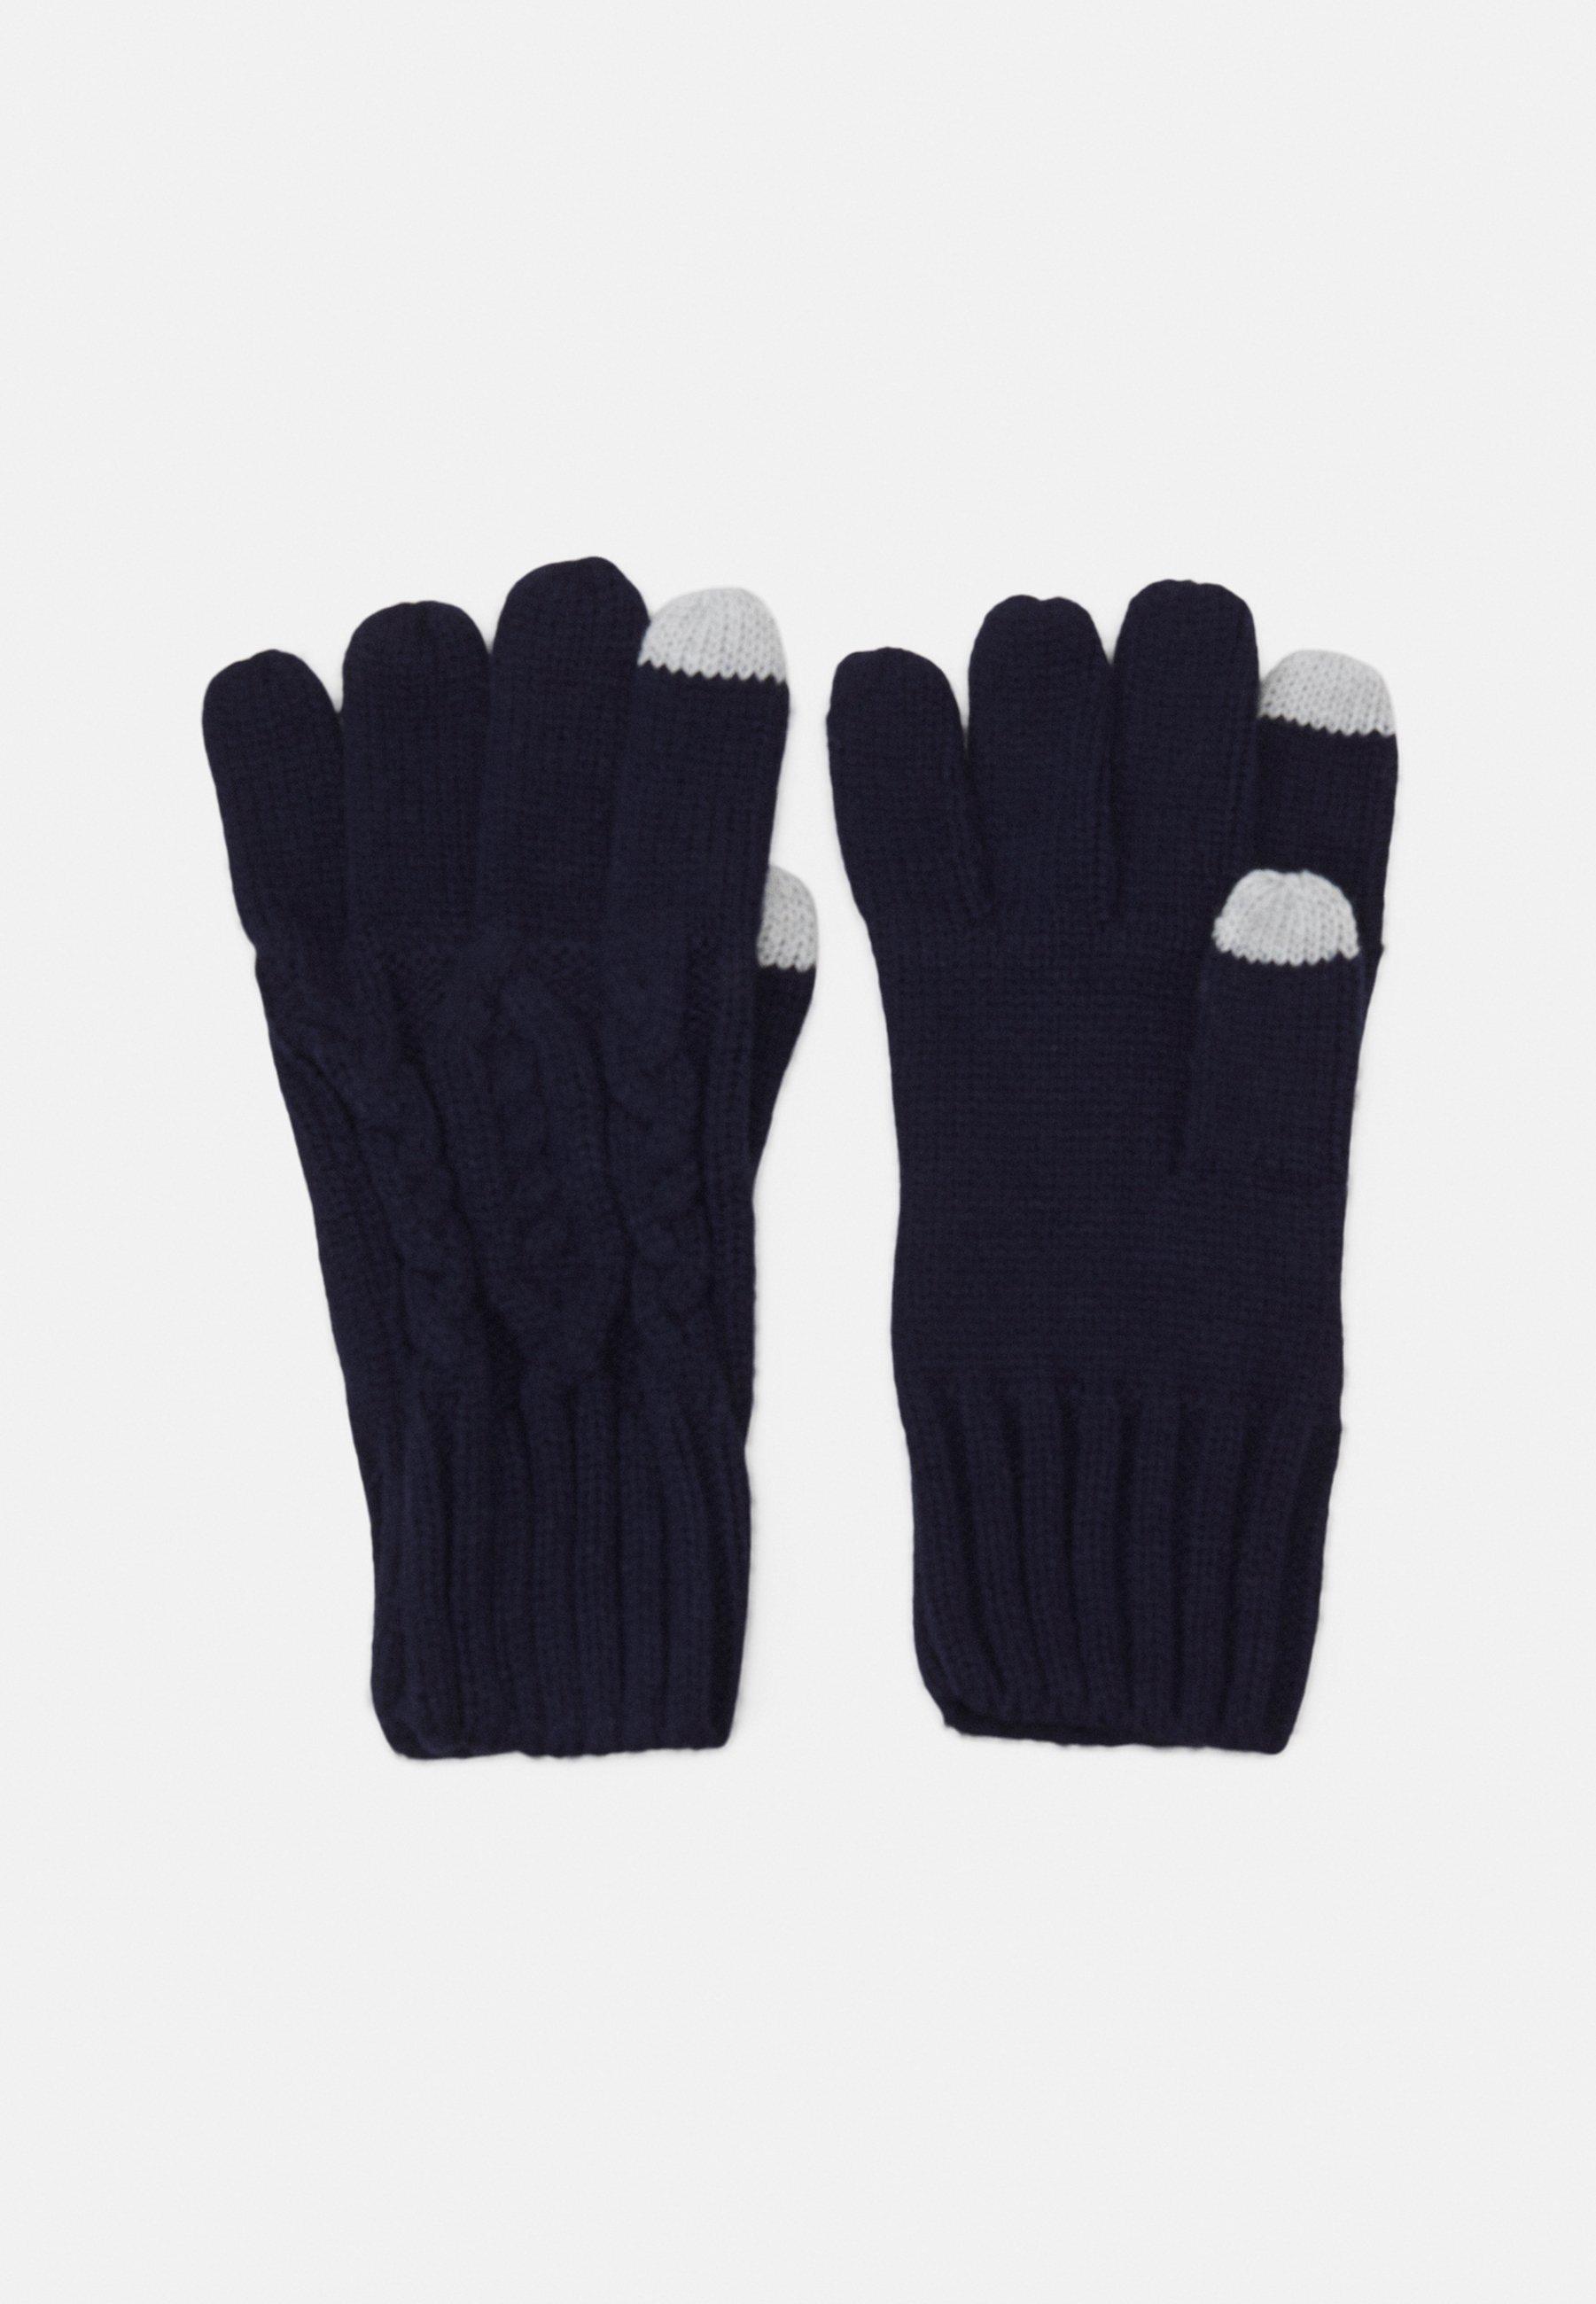 Kinder V-CABLE GLOVE UNISEX - Fingerhandschuh